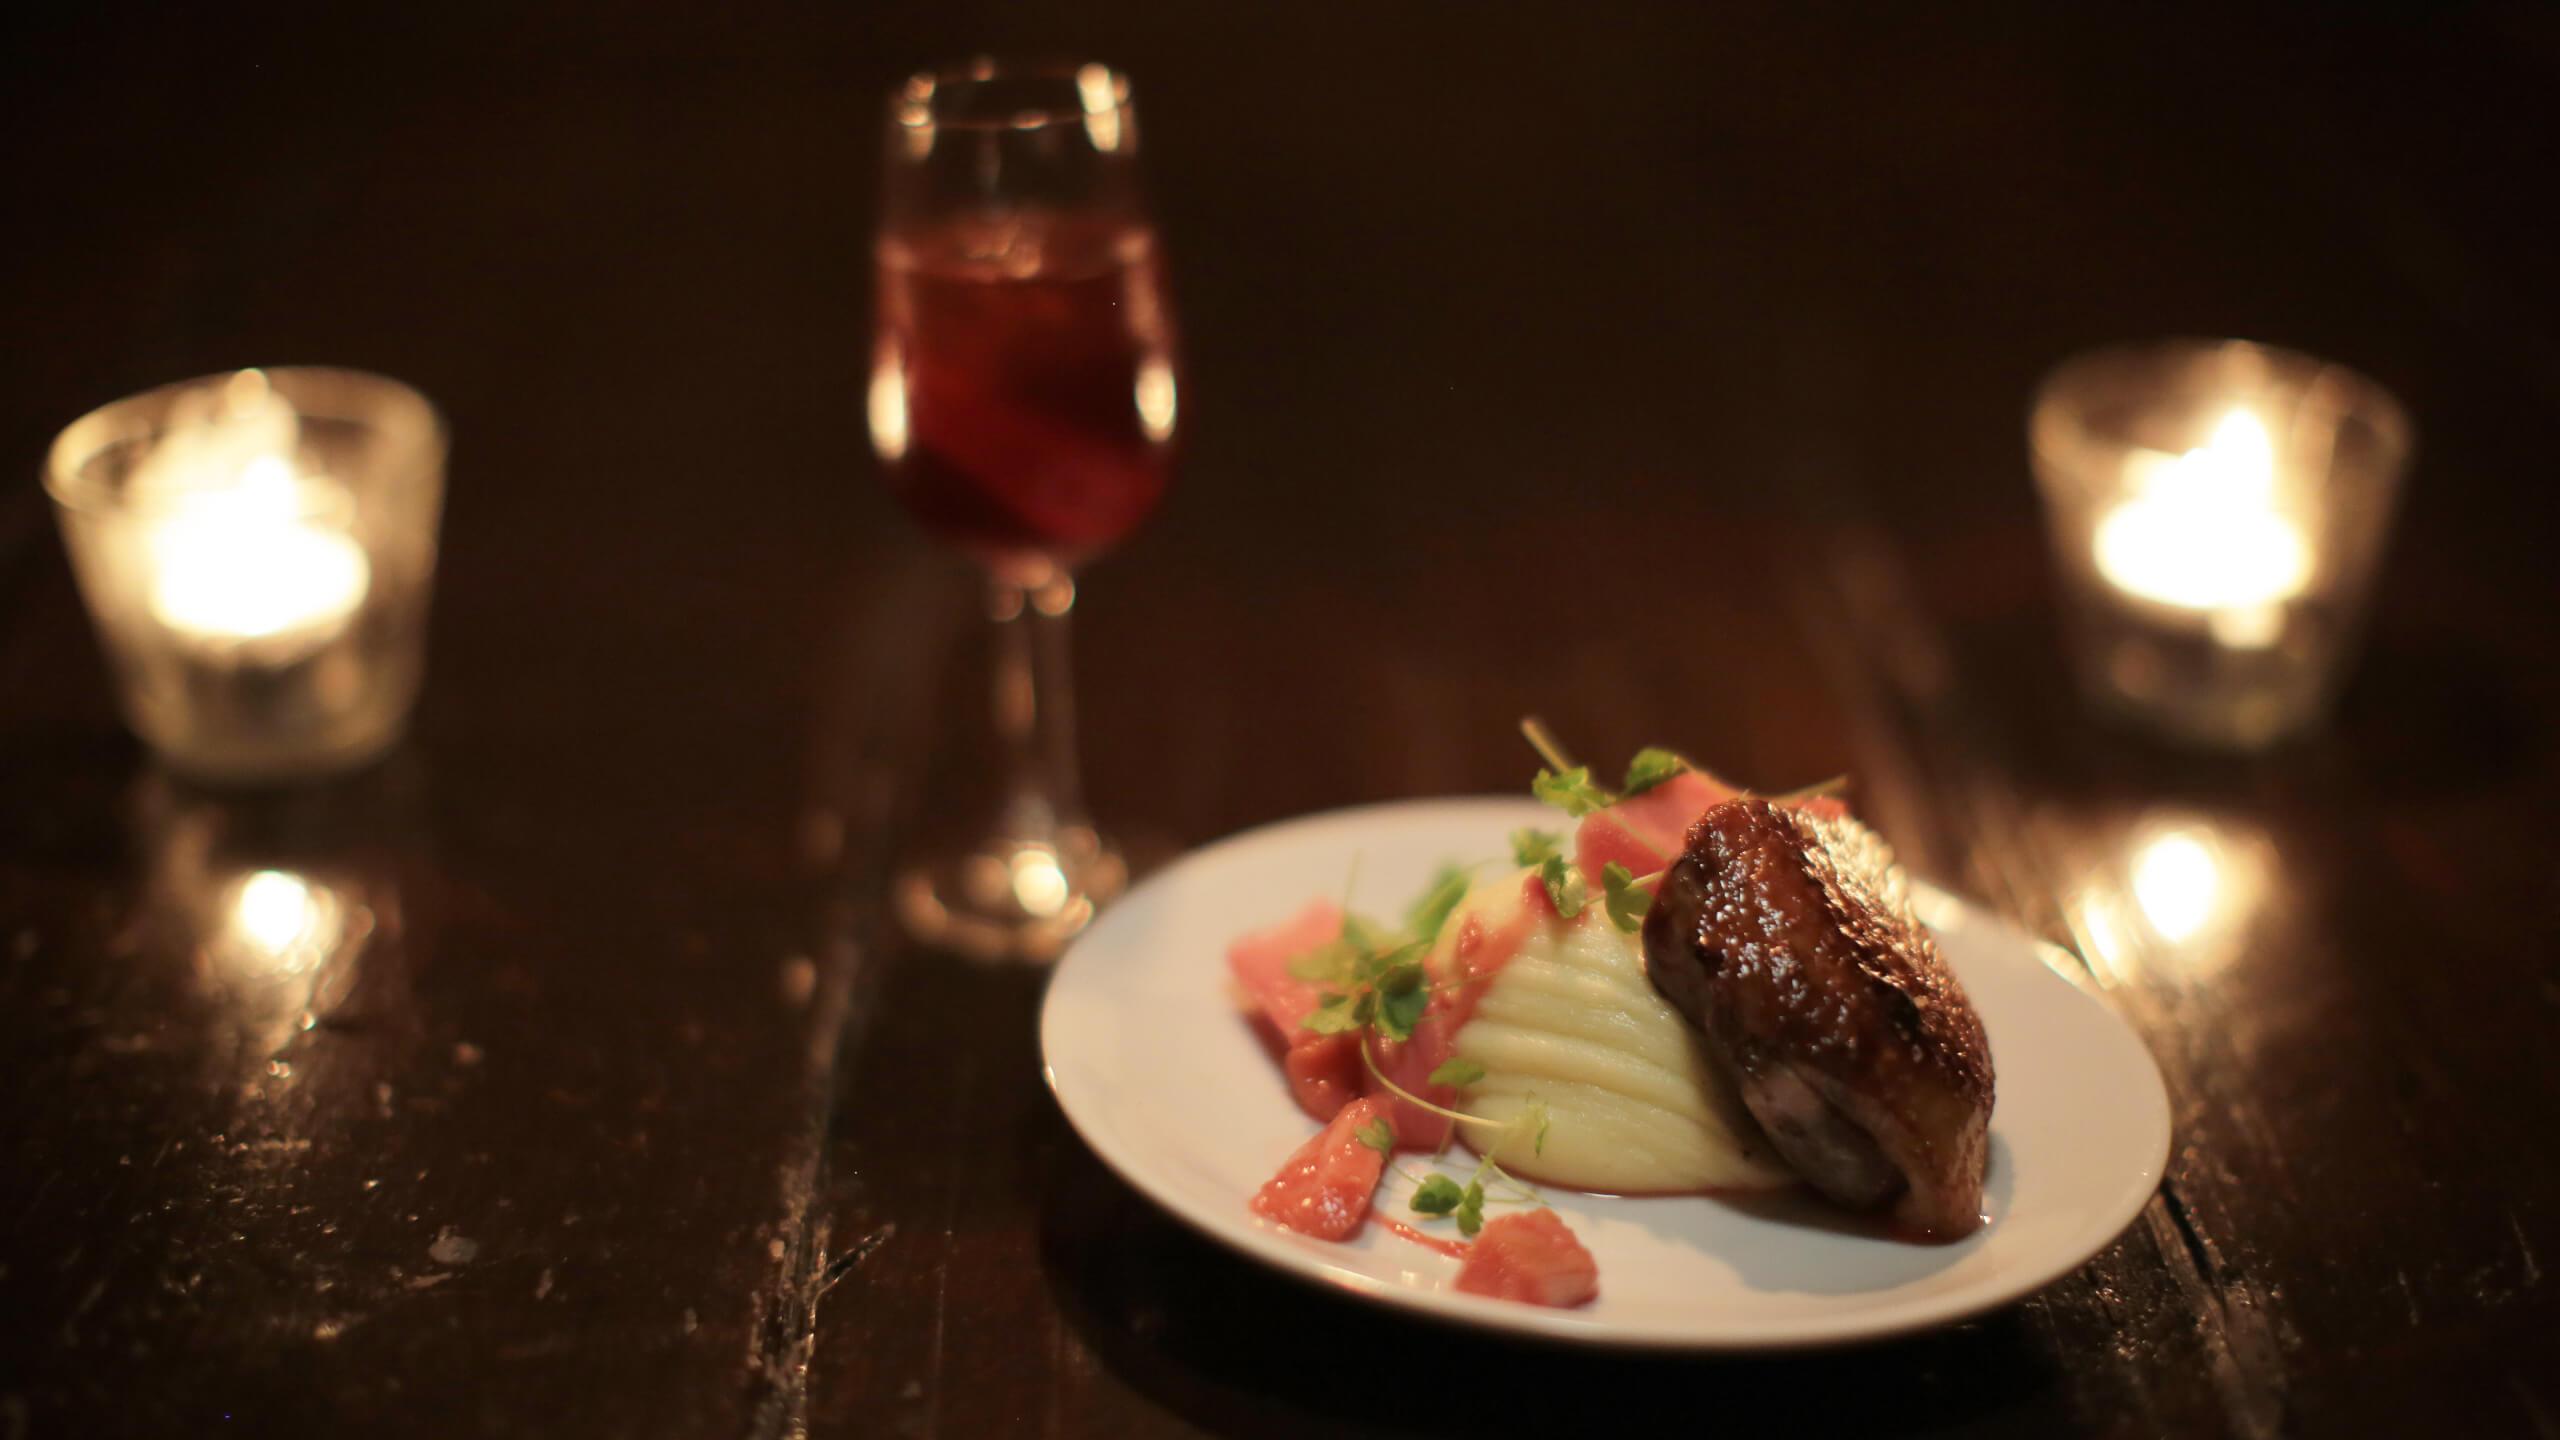 Romeo and julieta smoked duck breast, sherry pickeld rhubarb and walnut mash